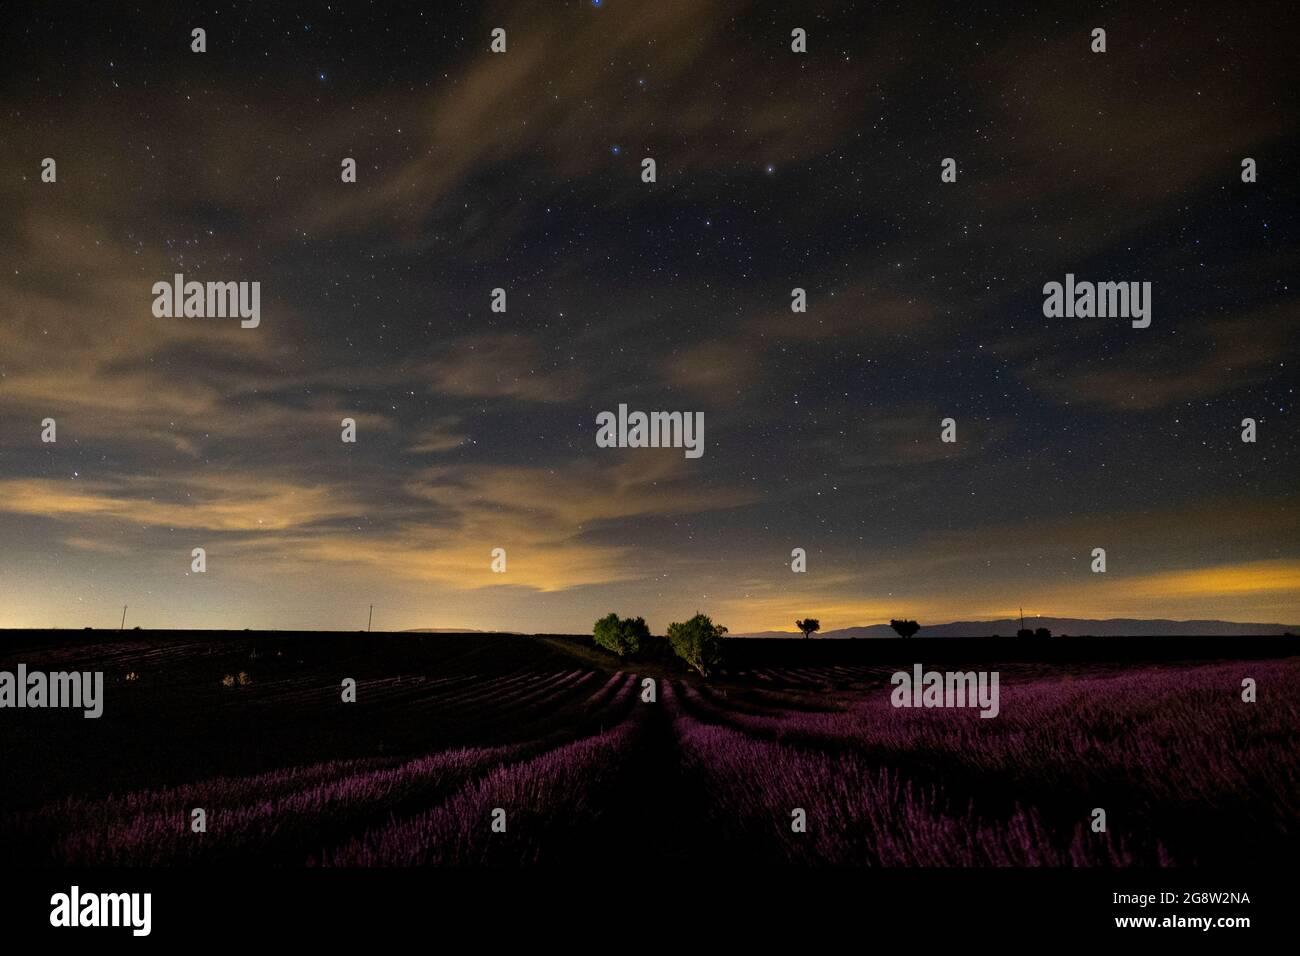 Image nocturne du champ de lavande en france, provence valensole - belle vue des fleurs violettes et des étoiles dans le ciel - parfum de production p Banque D'Images